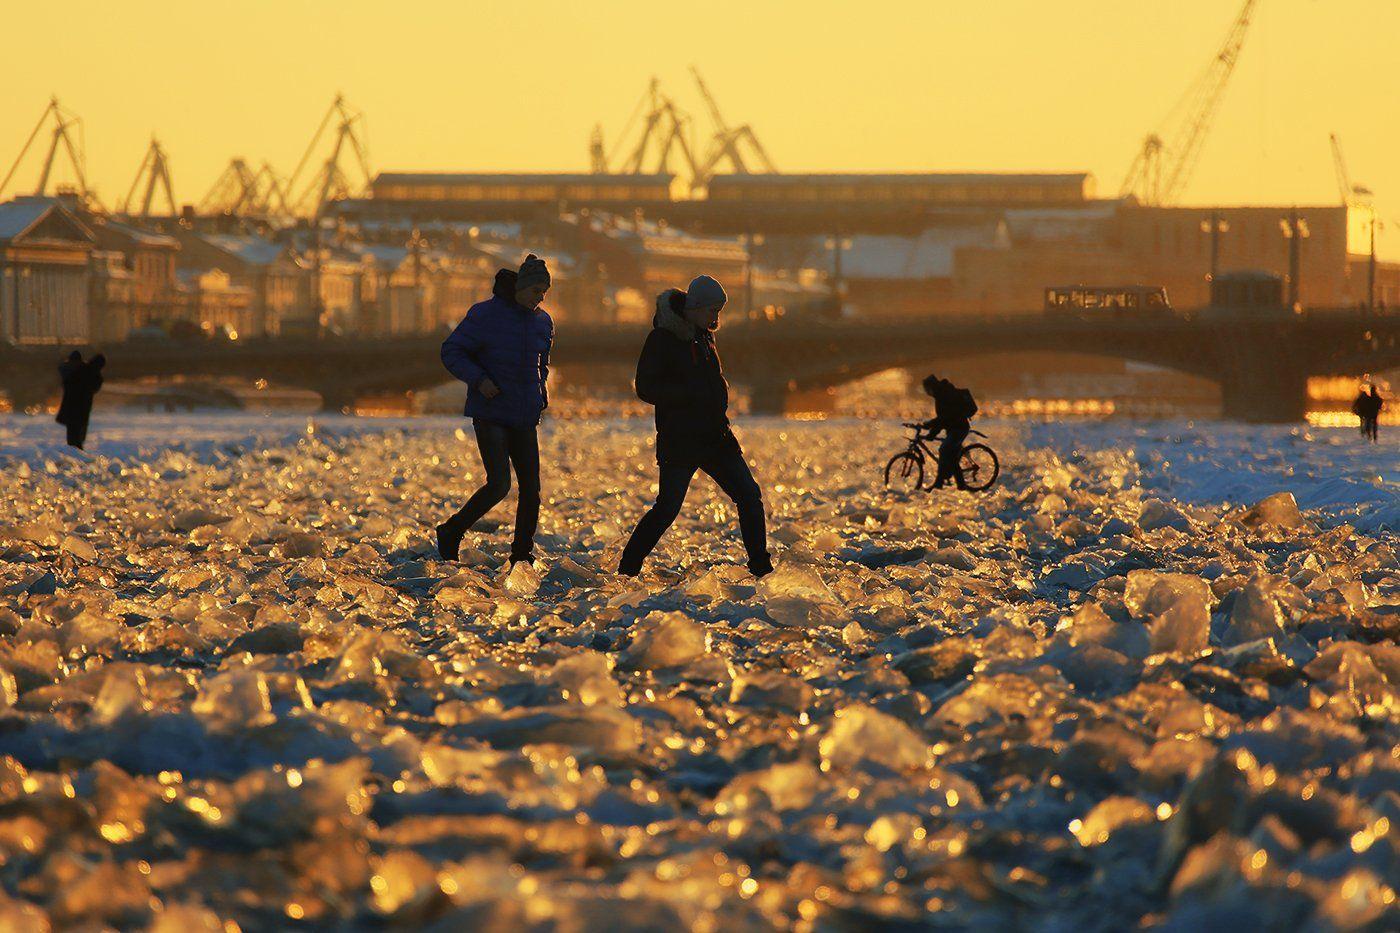 нева, река, лёд, ледышки, закат, мост, велосипед, пешеходы, Alla Sokolova